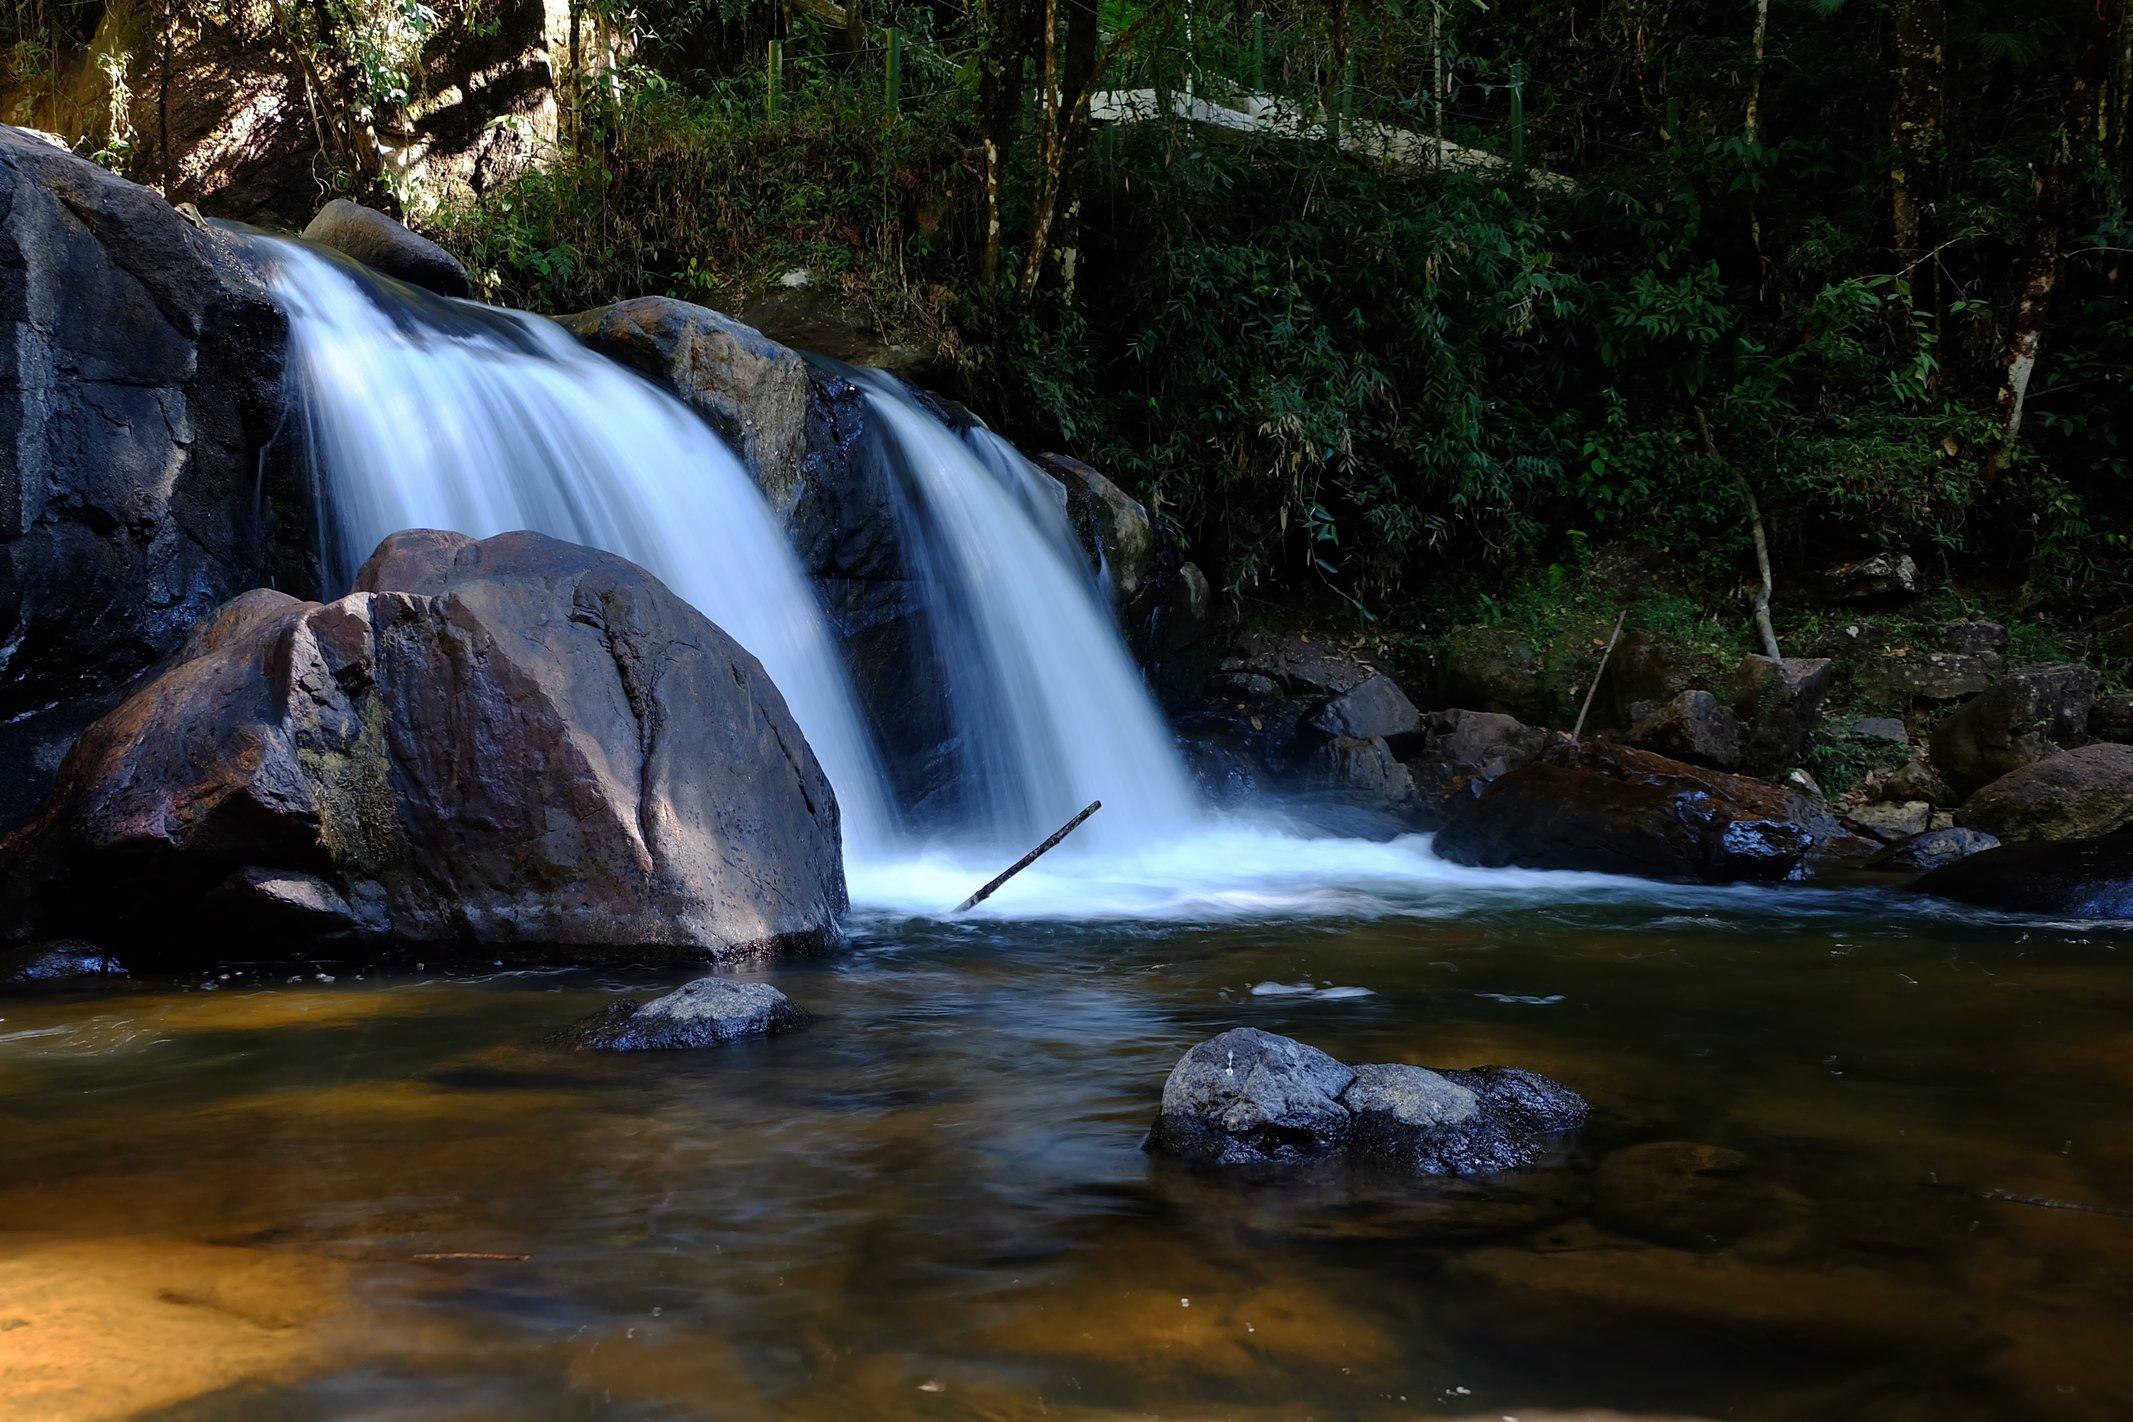 Cachoeira em São Francisco Xavier, SP